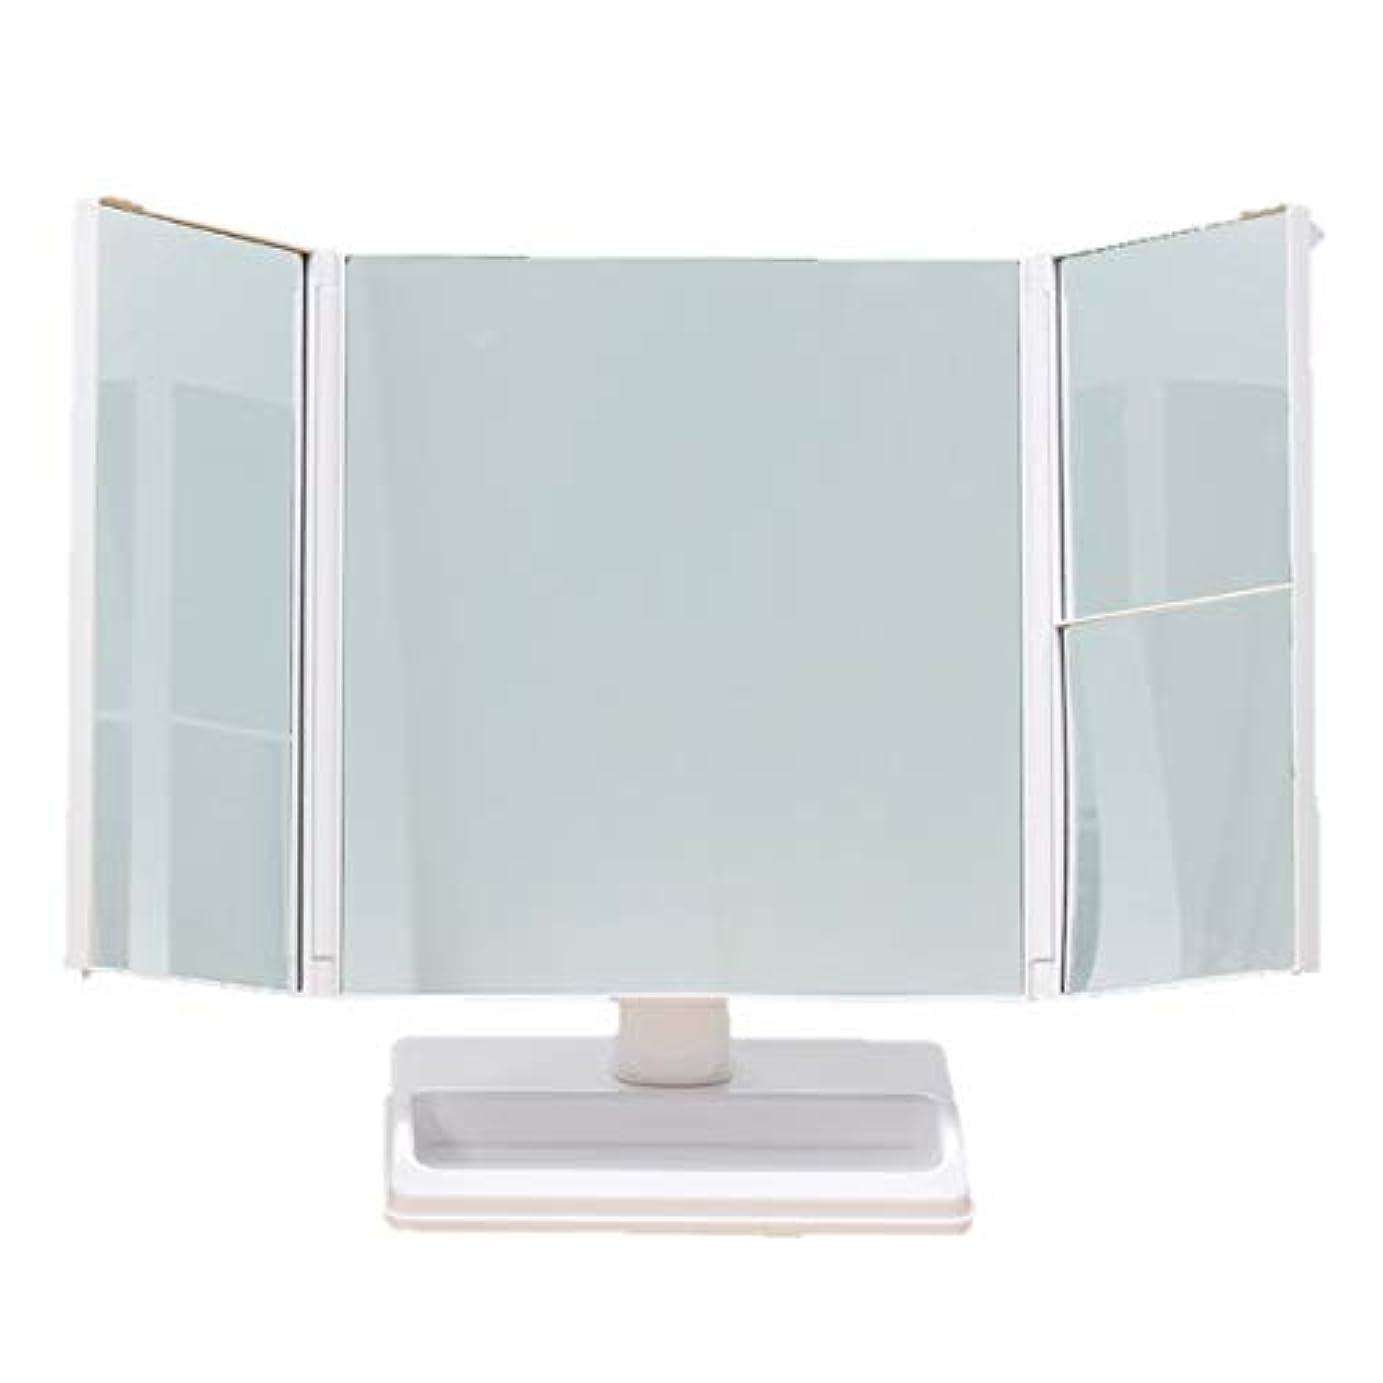 マオリどきどきリファインテーブルで使う拡大鏡付三面ミラー 台座部トレー 360度 回転 卓上ミラー 三面鏡 拡大鏡 化粧鏡 スタンドミラー メイク ヘアアレンジ 頭頂部 チェック